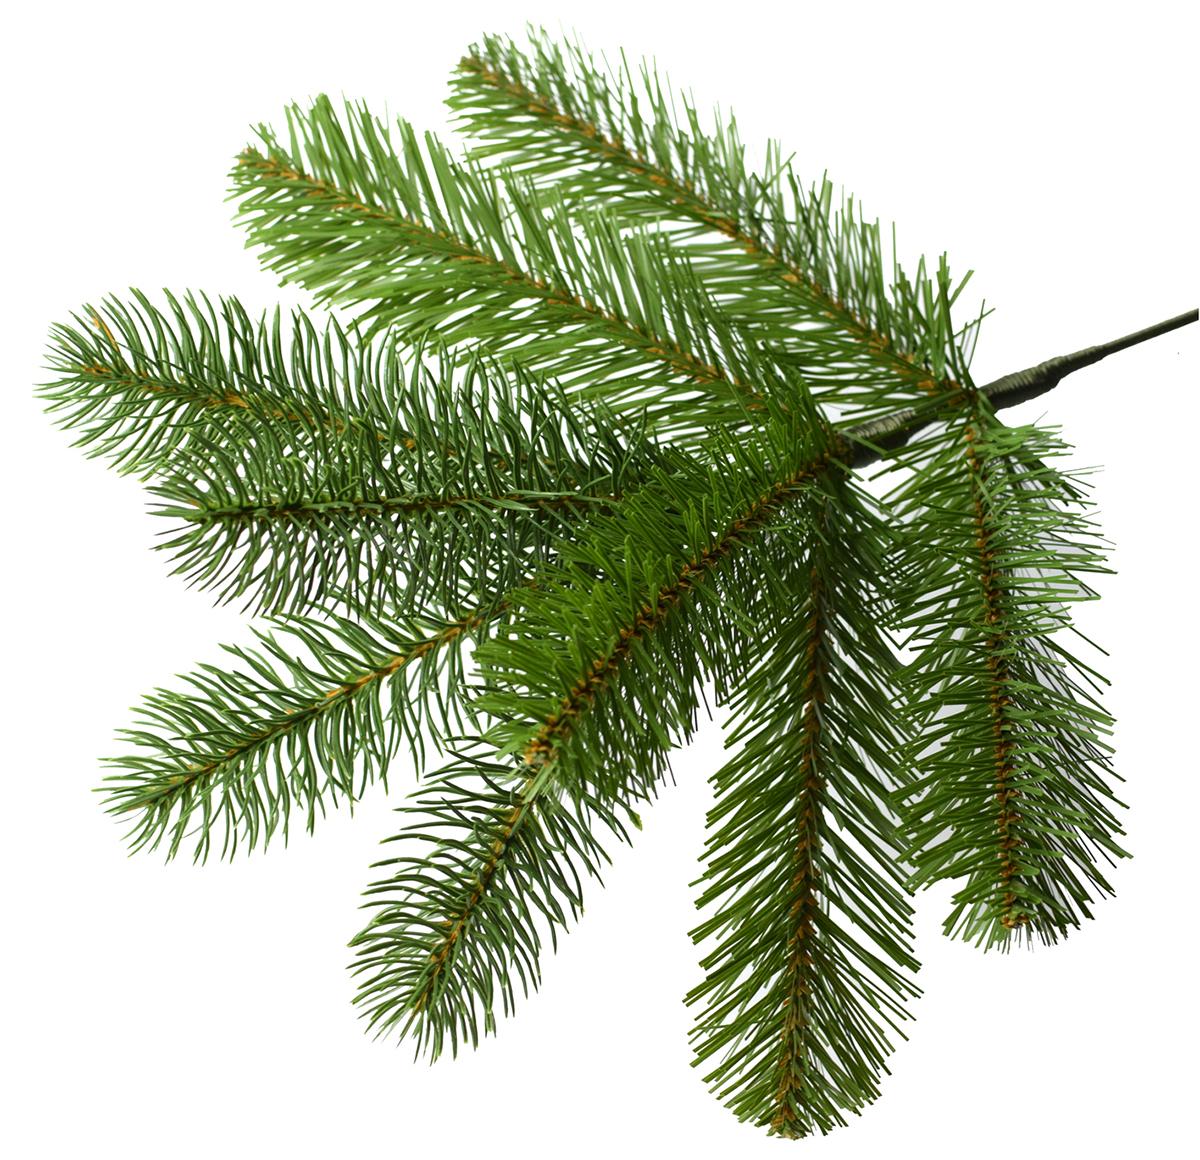 """Искусственная ель National Tree Company """"Feel Real Bayberry"""" - это прекрасный вариант для  оформления интерьера к  Новому году. Остается только собрать и нарядить  красавицу. Она абсолютно безопасна, удобна в сборке и не занимает много места при хранении.  Сказочно красивая новогодняя елка украсит интерьер вашего дома и создаст теплую и  уютную атмосферу  праздника.  Откройте для себя удивительный мир сказок и грез. Почувствуйте волшебные минуты ожидания  праздника, создайте новогоднее настроение вашим дорогим и близким."""